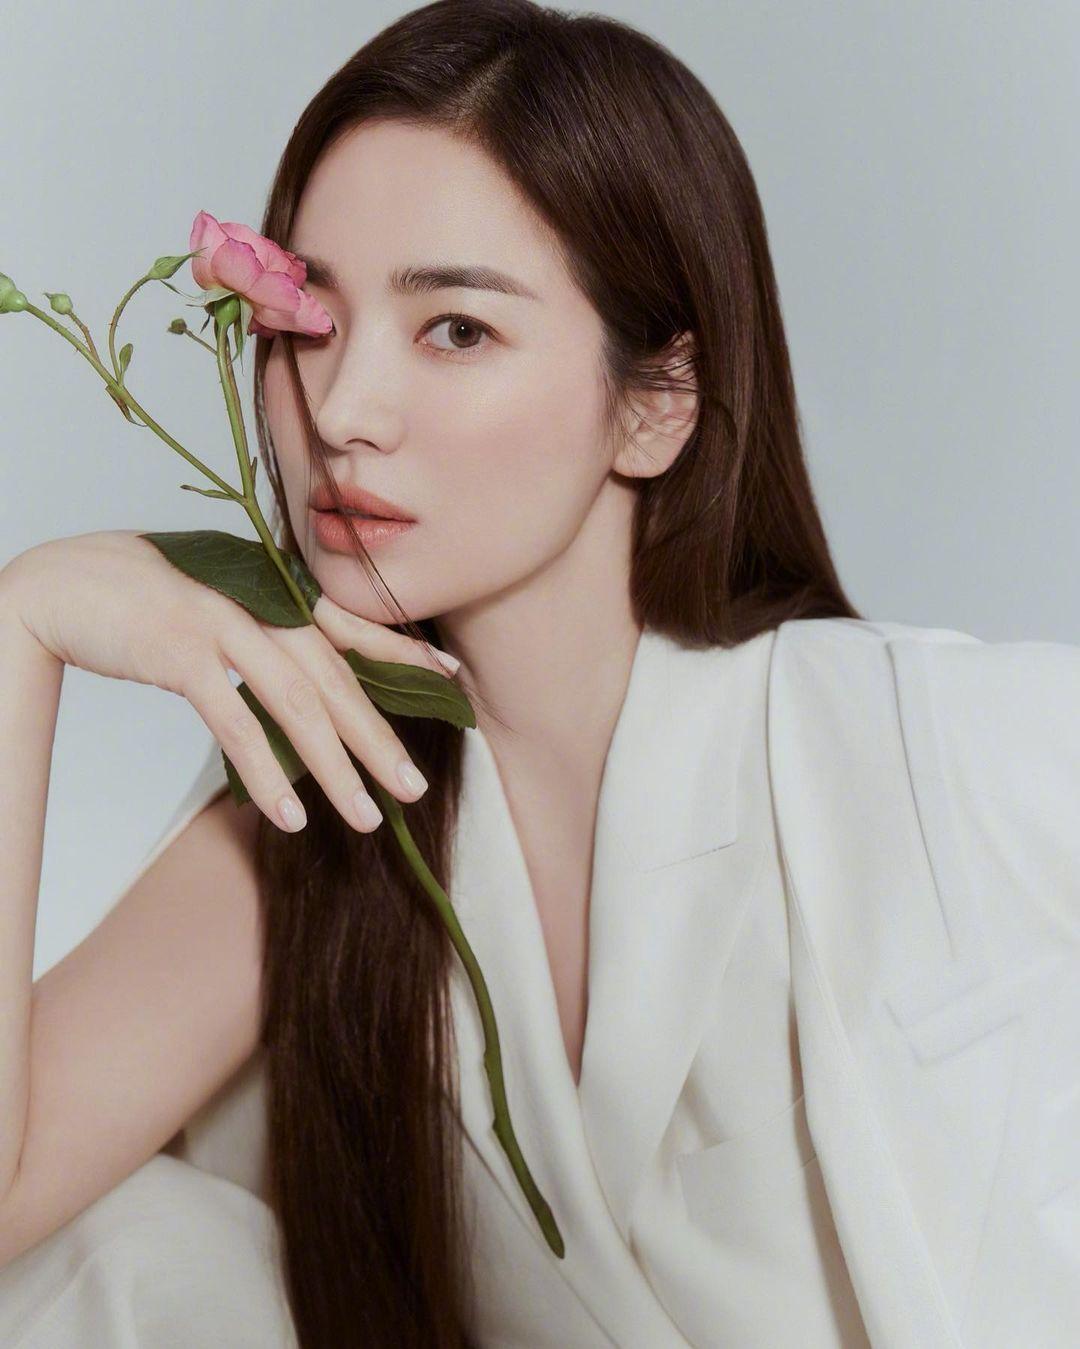 Song Hye Kyo chứng minh thần thái ngày càng lên hương, đồ khó mấy cũng có thể cân đẹp - Ảnh 3.